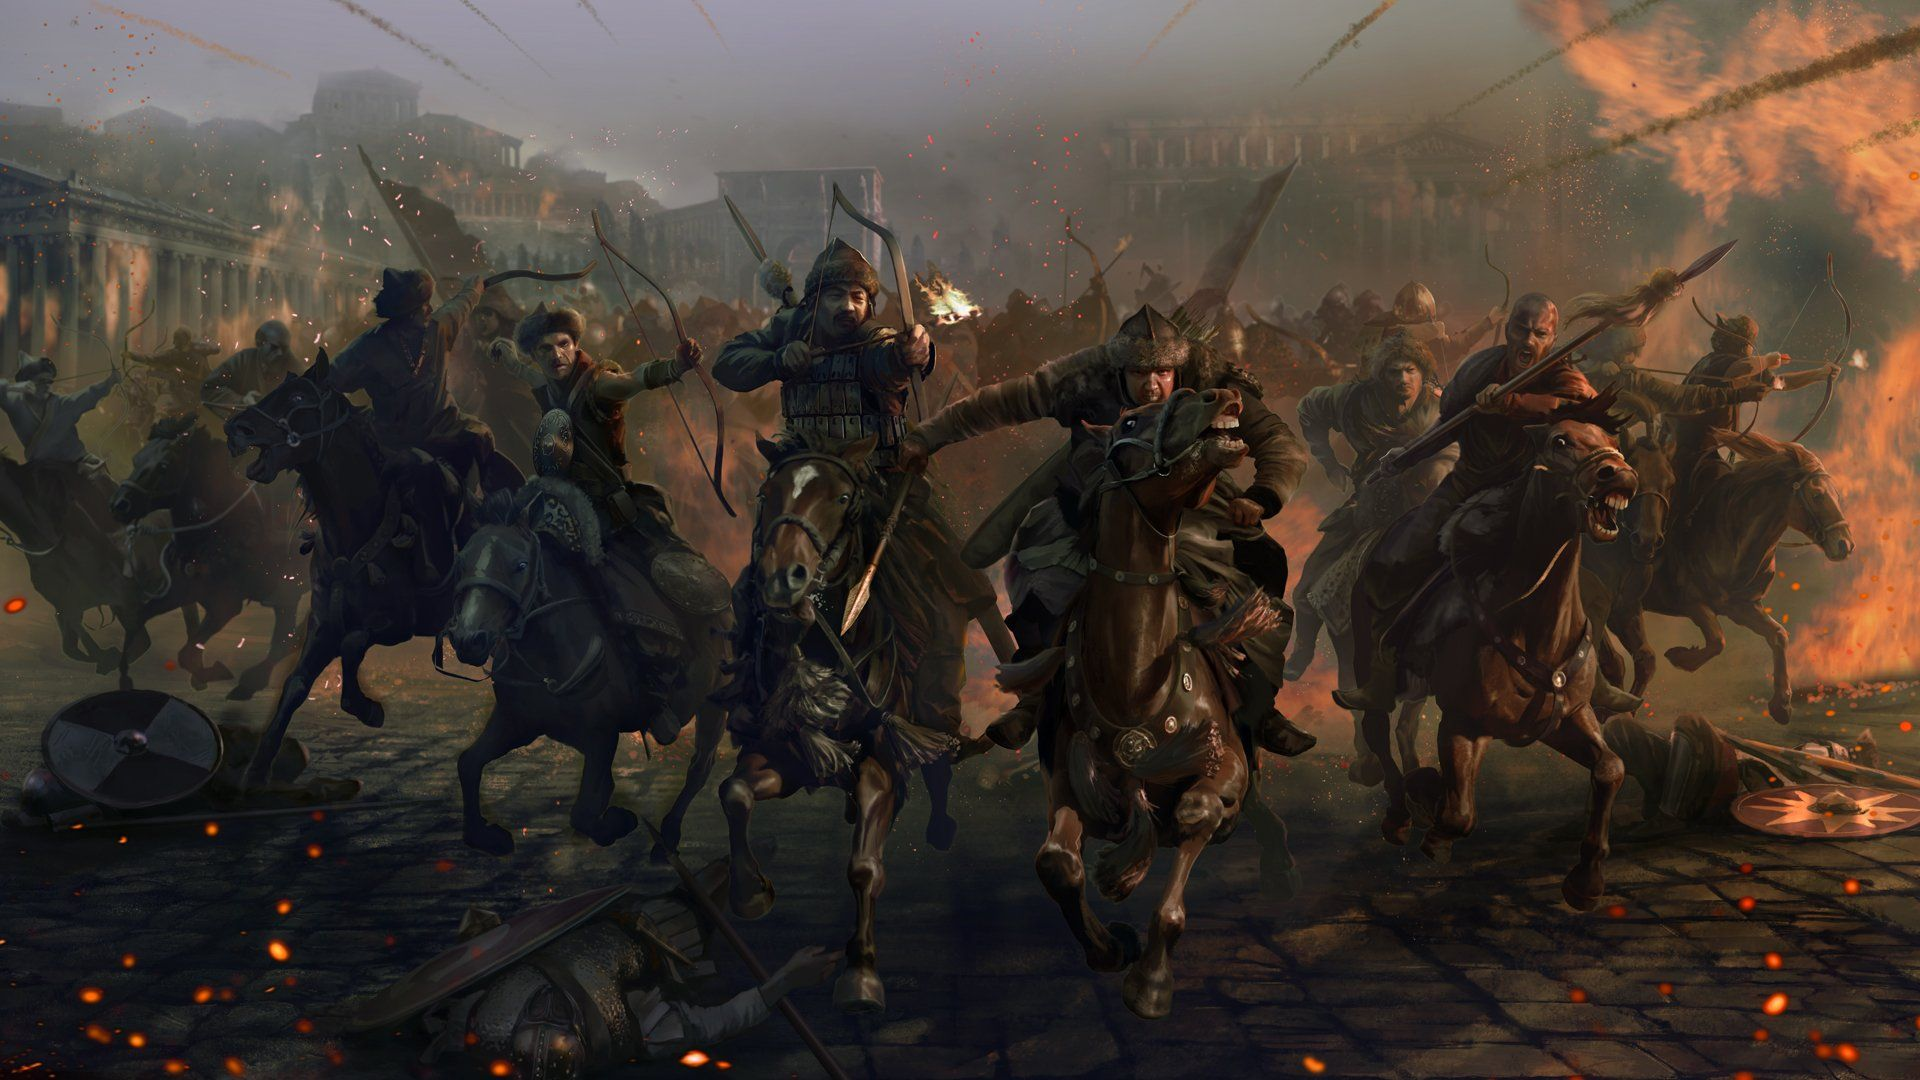 Total War Oyunpat min-oyunpat